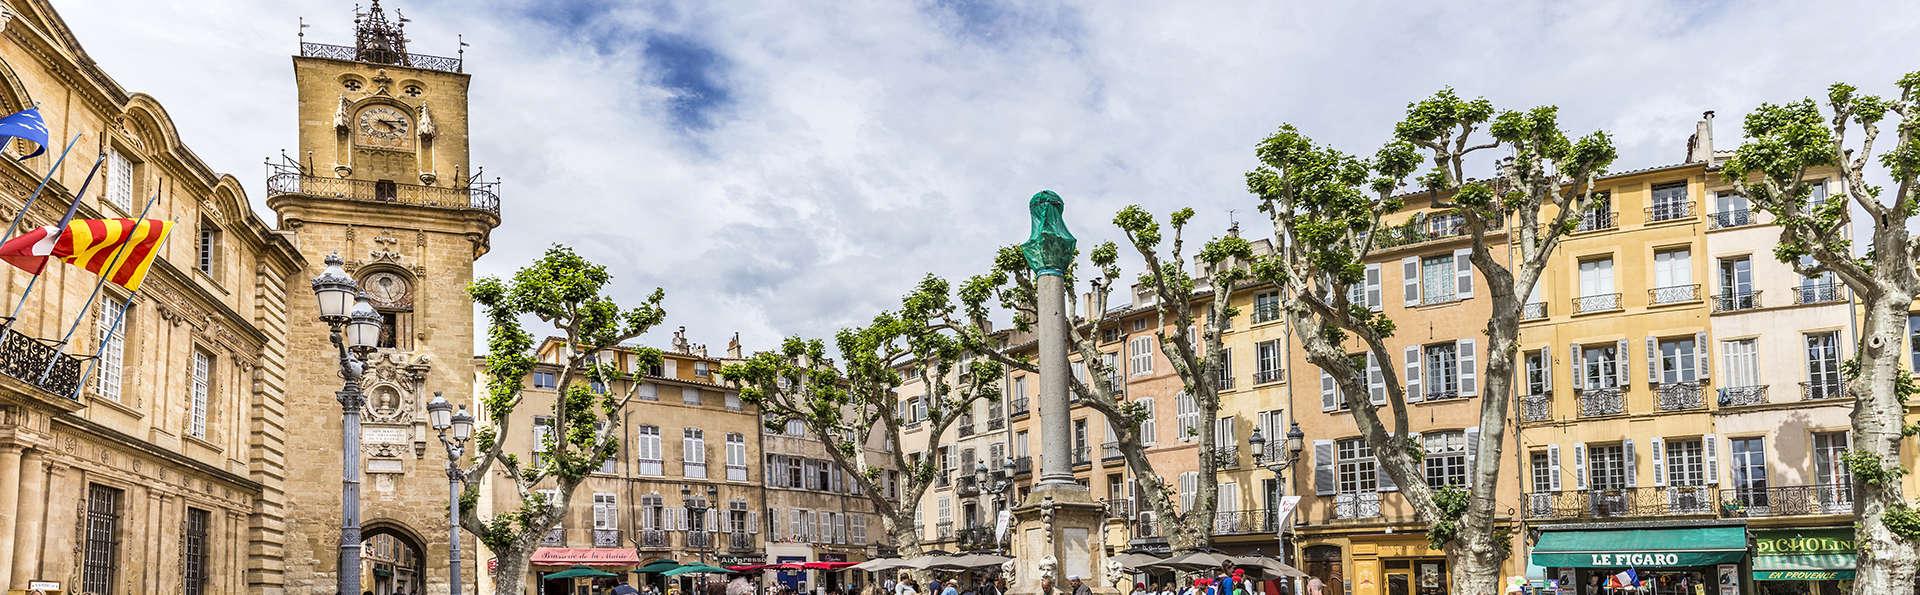 Ontdek Aix-en-Provence